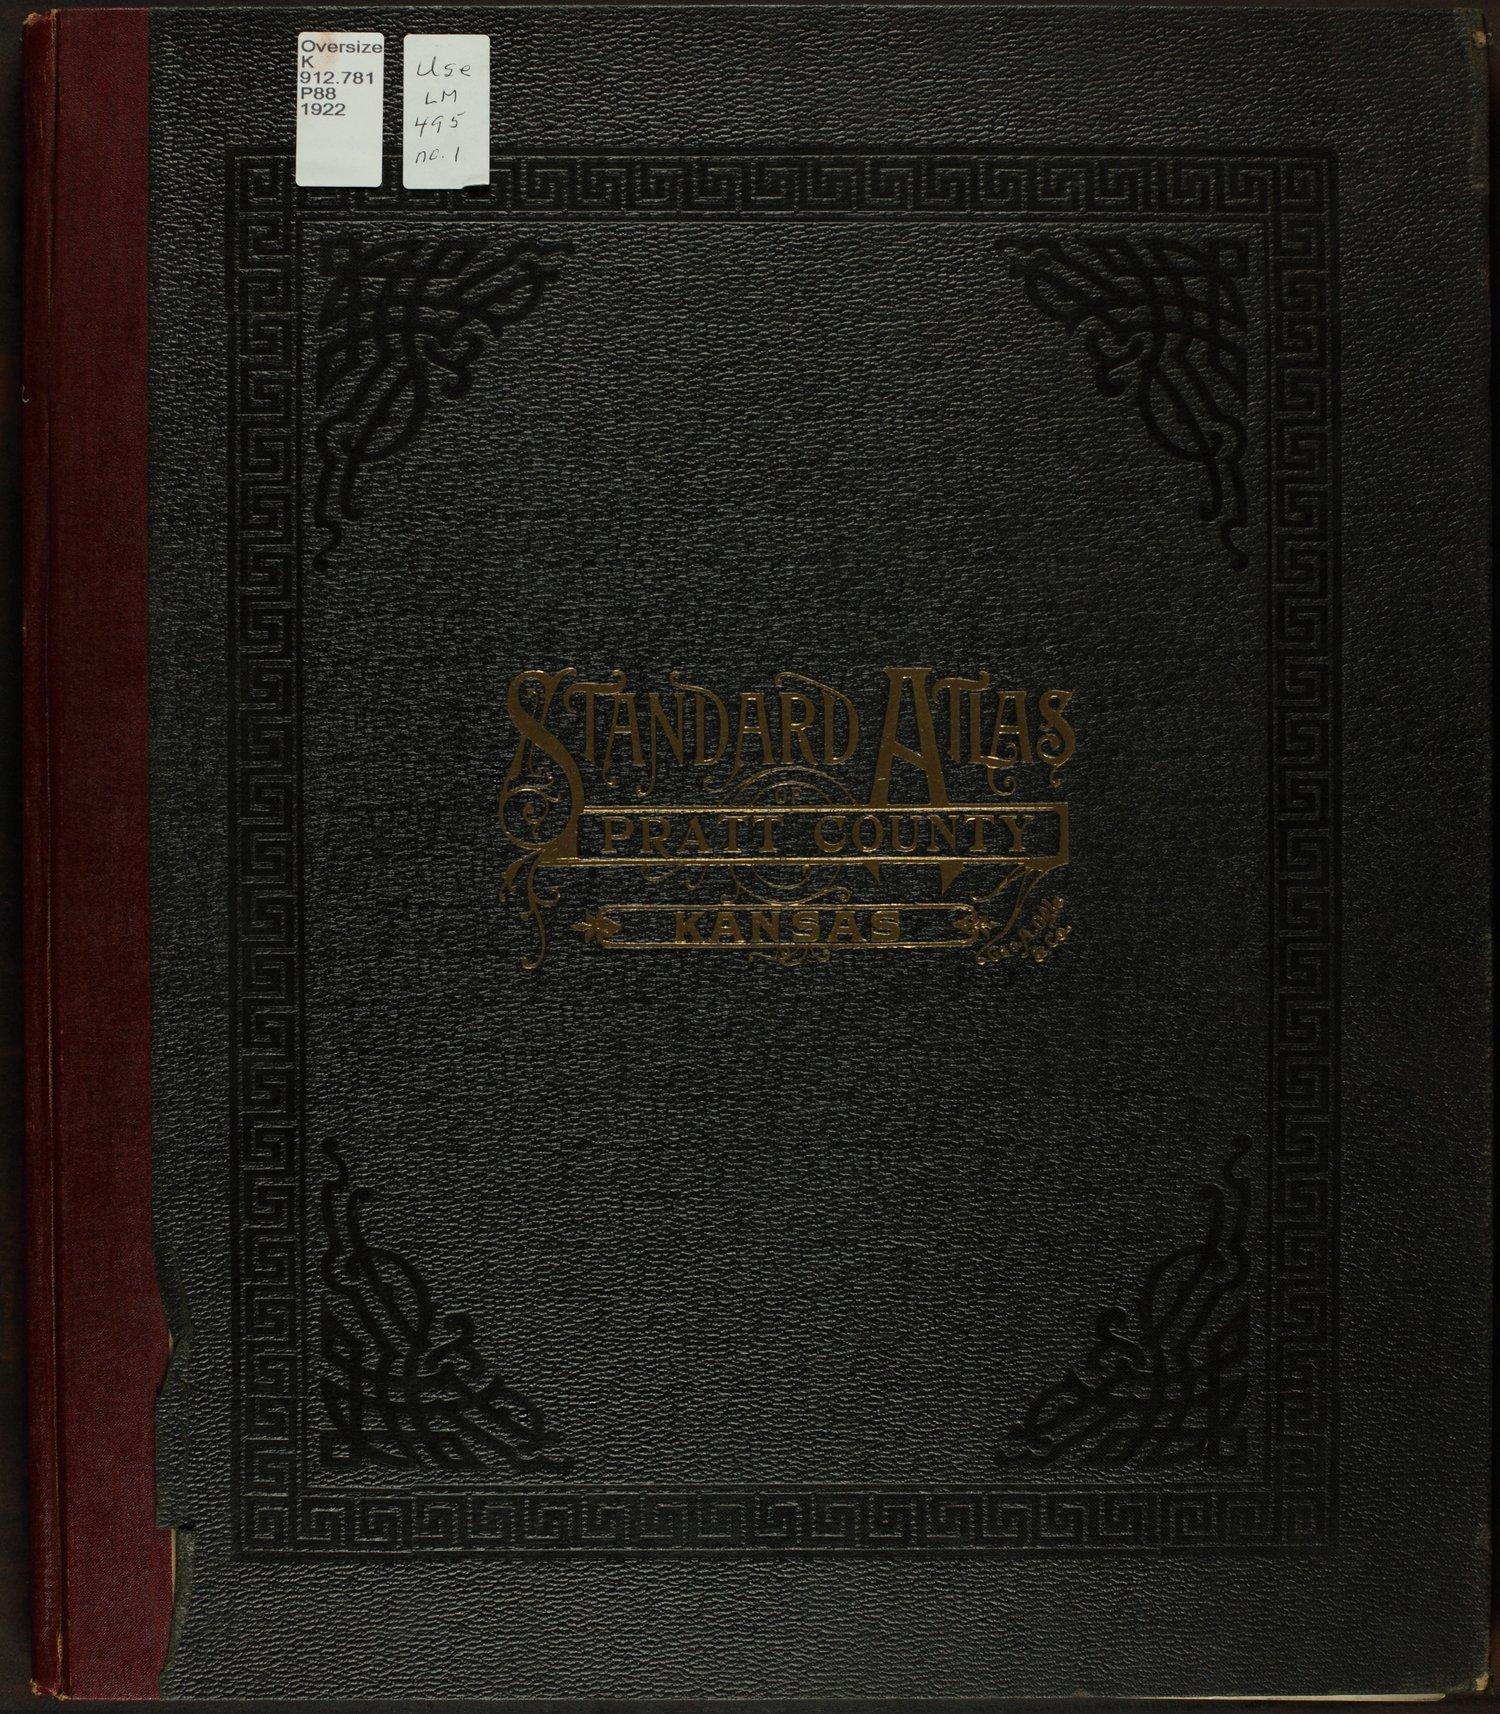 Standard atlas of Pratt County, Kansas - Front Cover